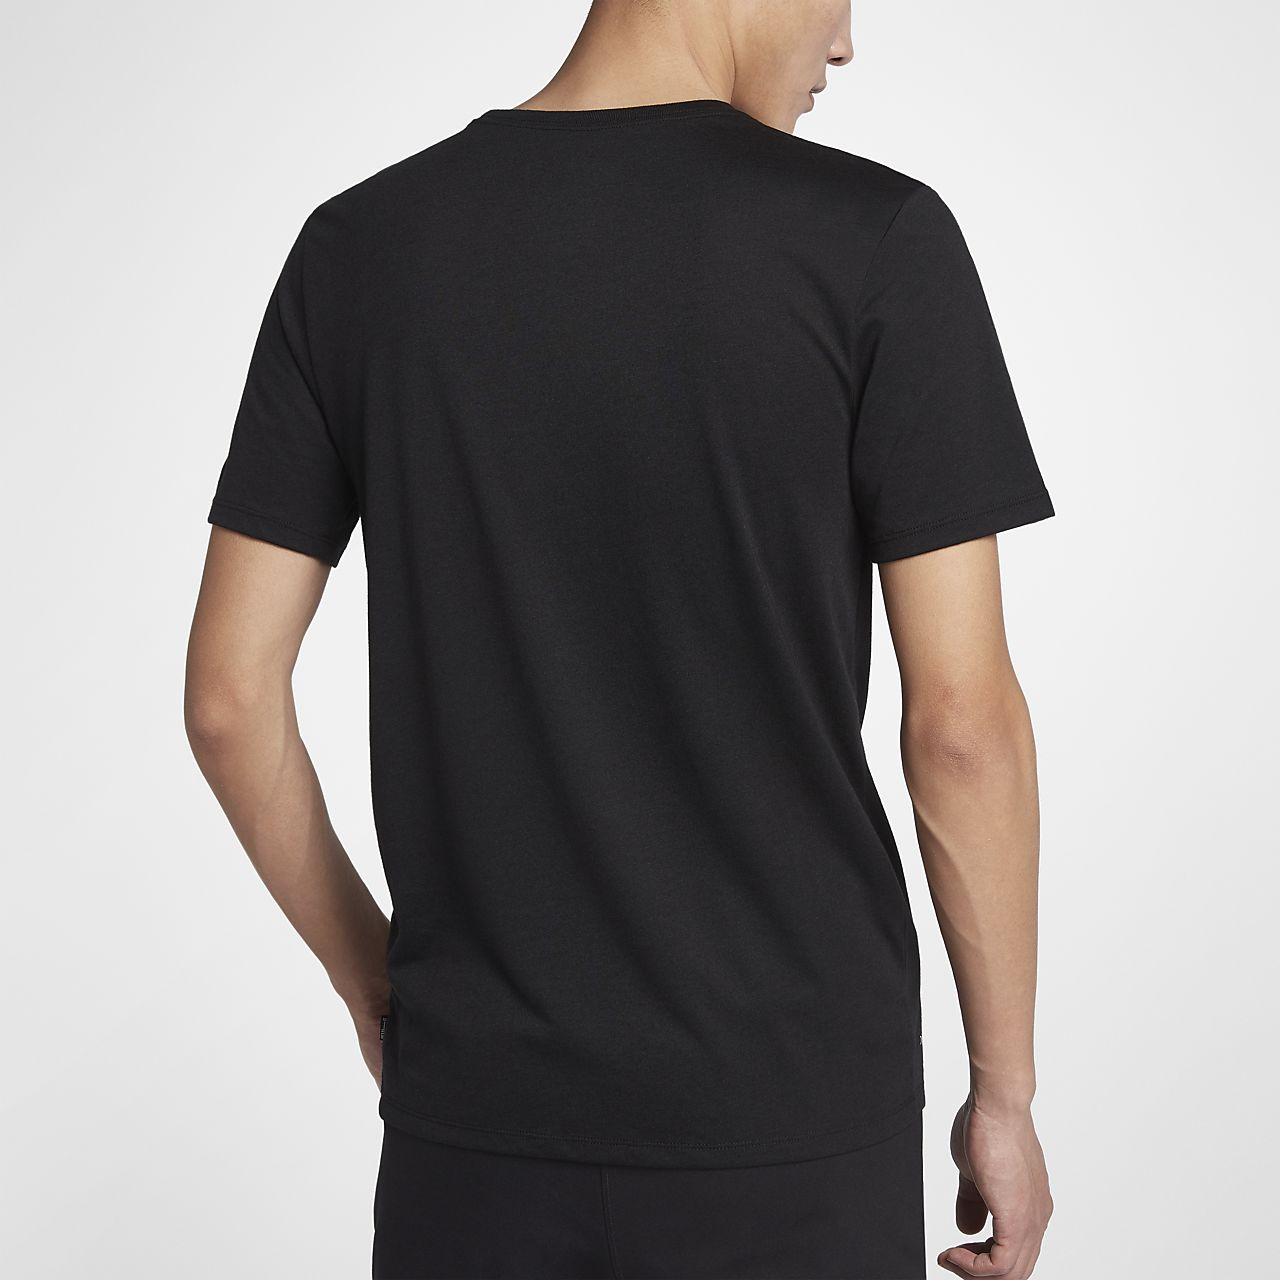 Nike dri fit men 39 s training t shirt vn for Dri fit t shirts nike